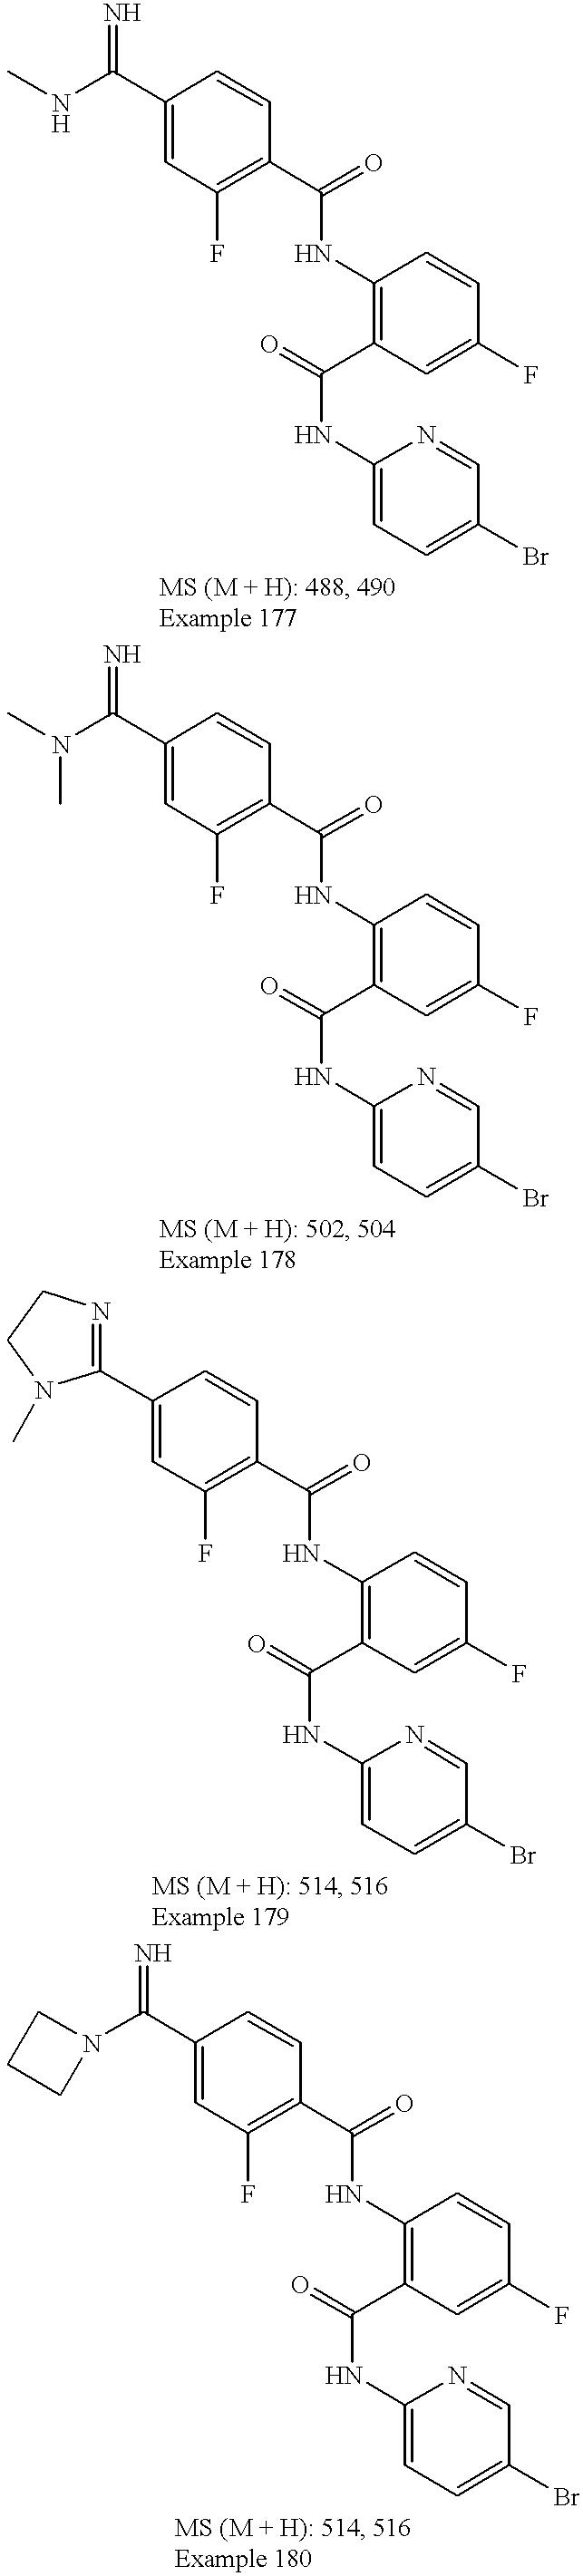 Figure US06376515-20020423-C00340